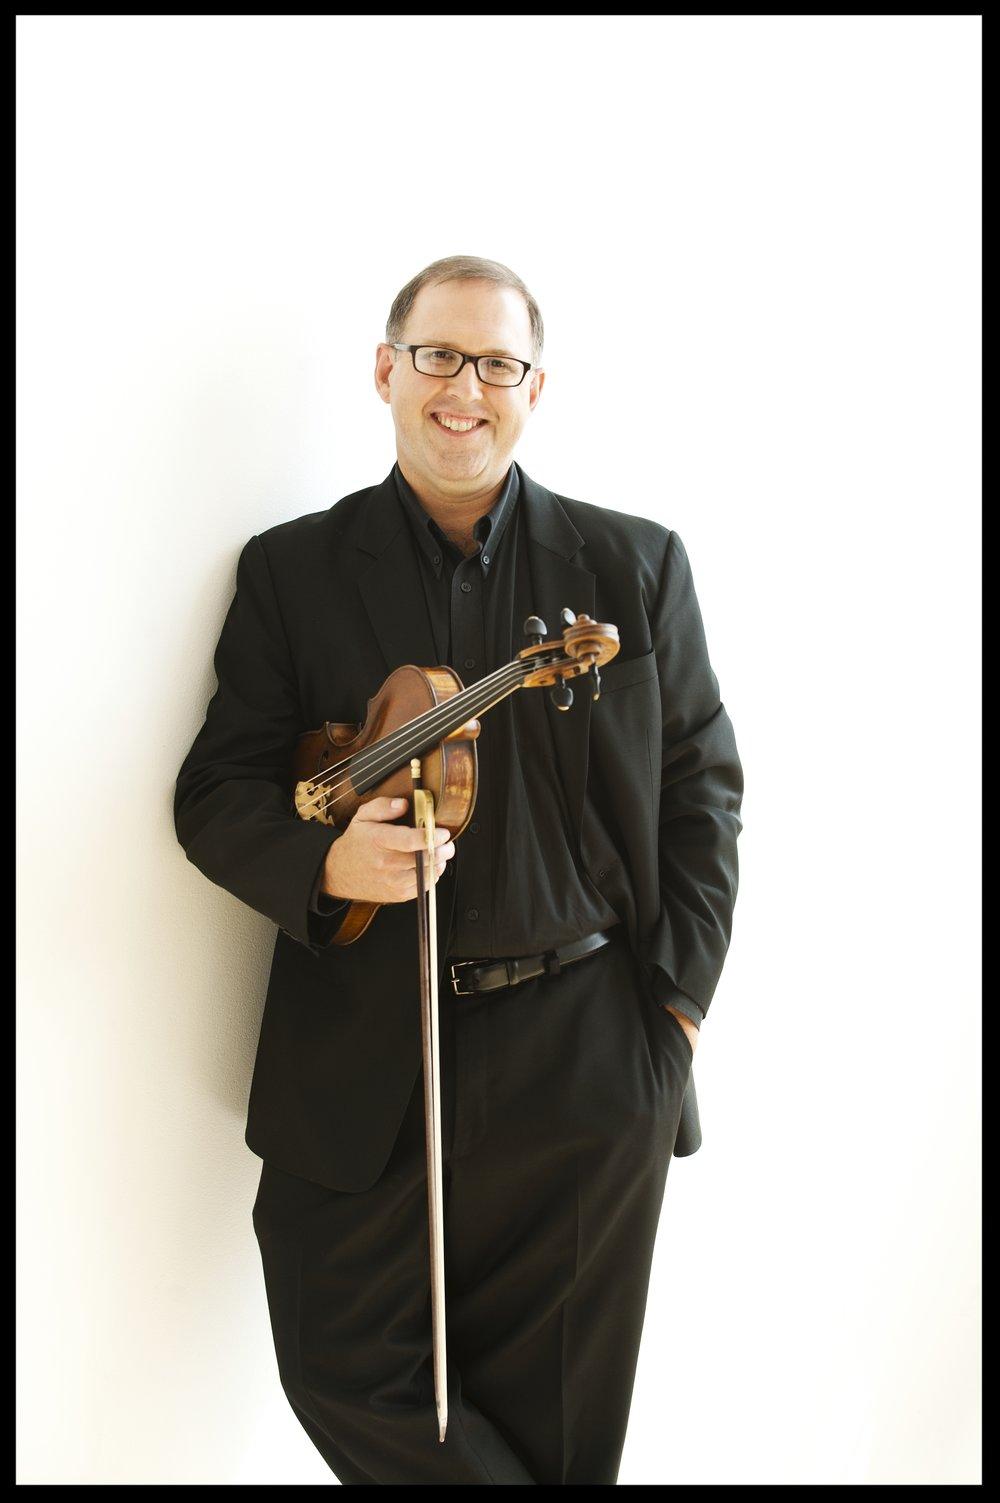 Patrick jordan - Viola